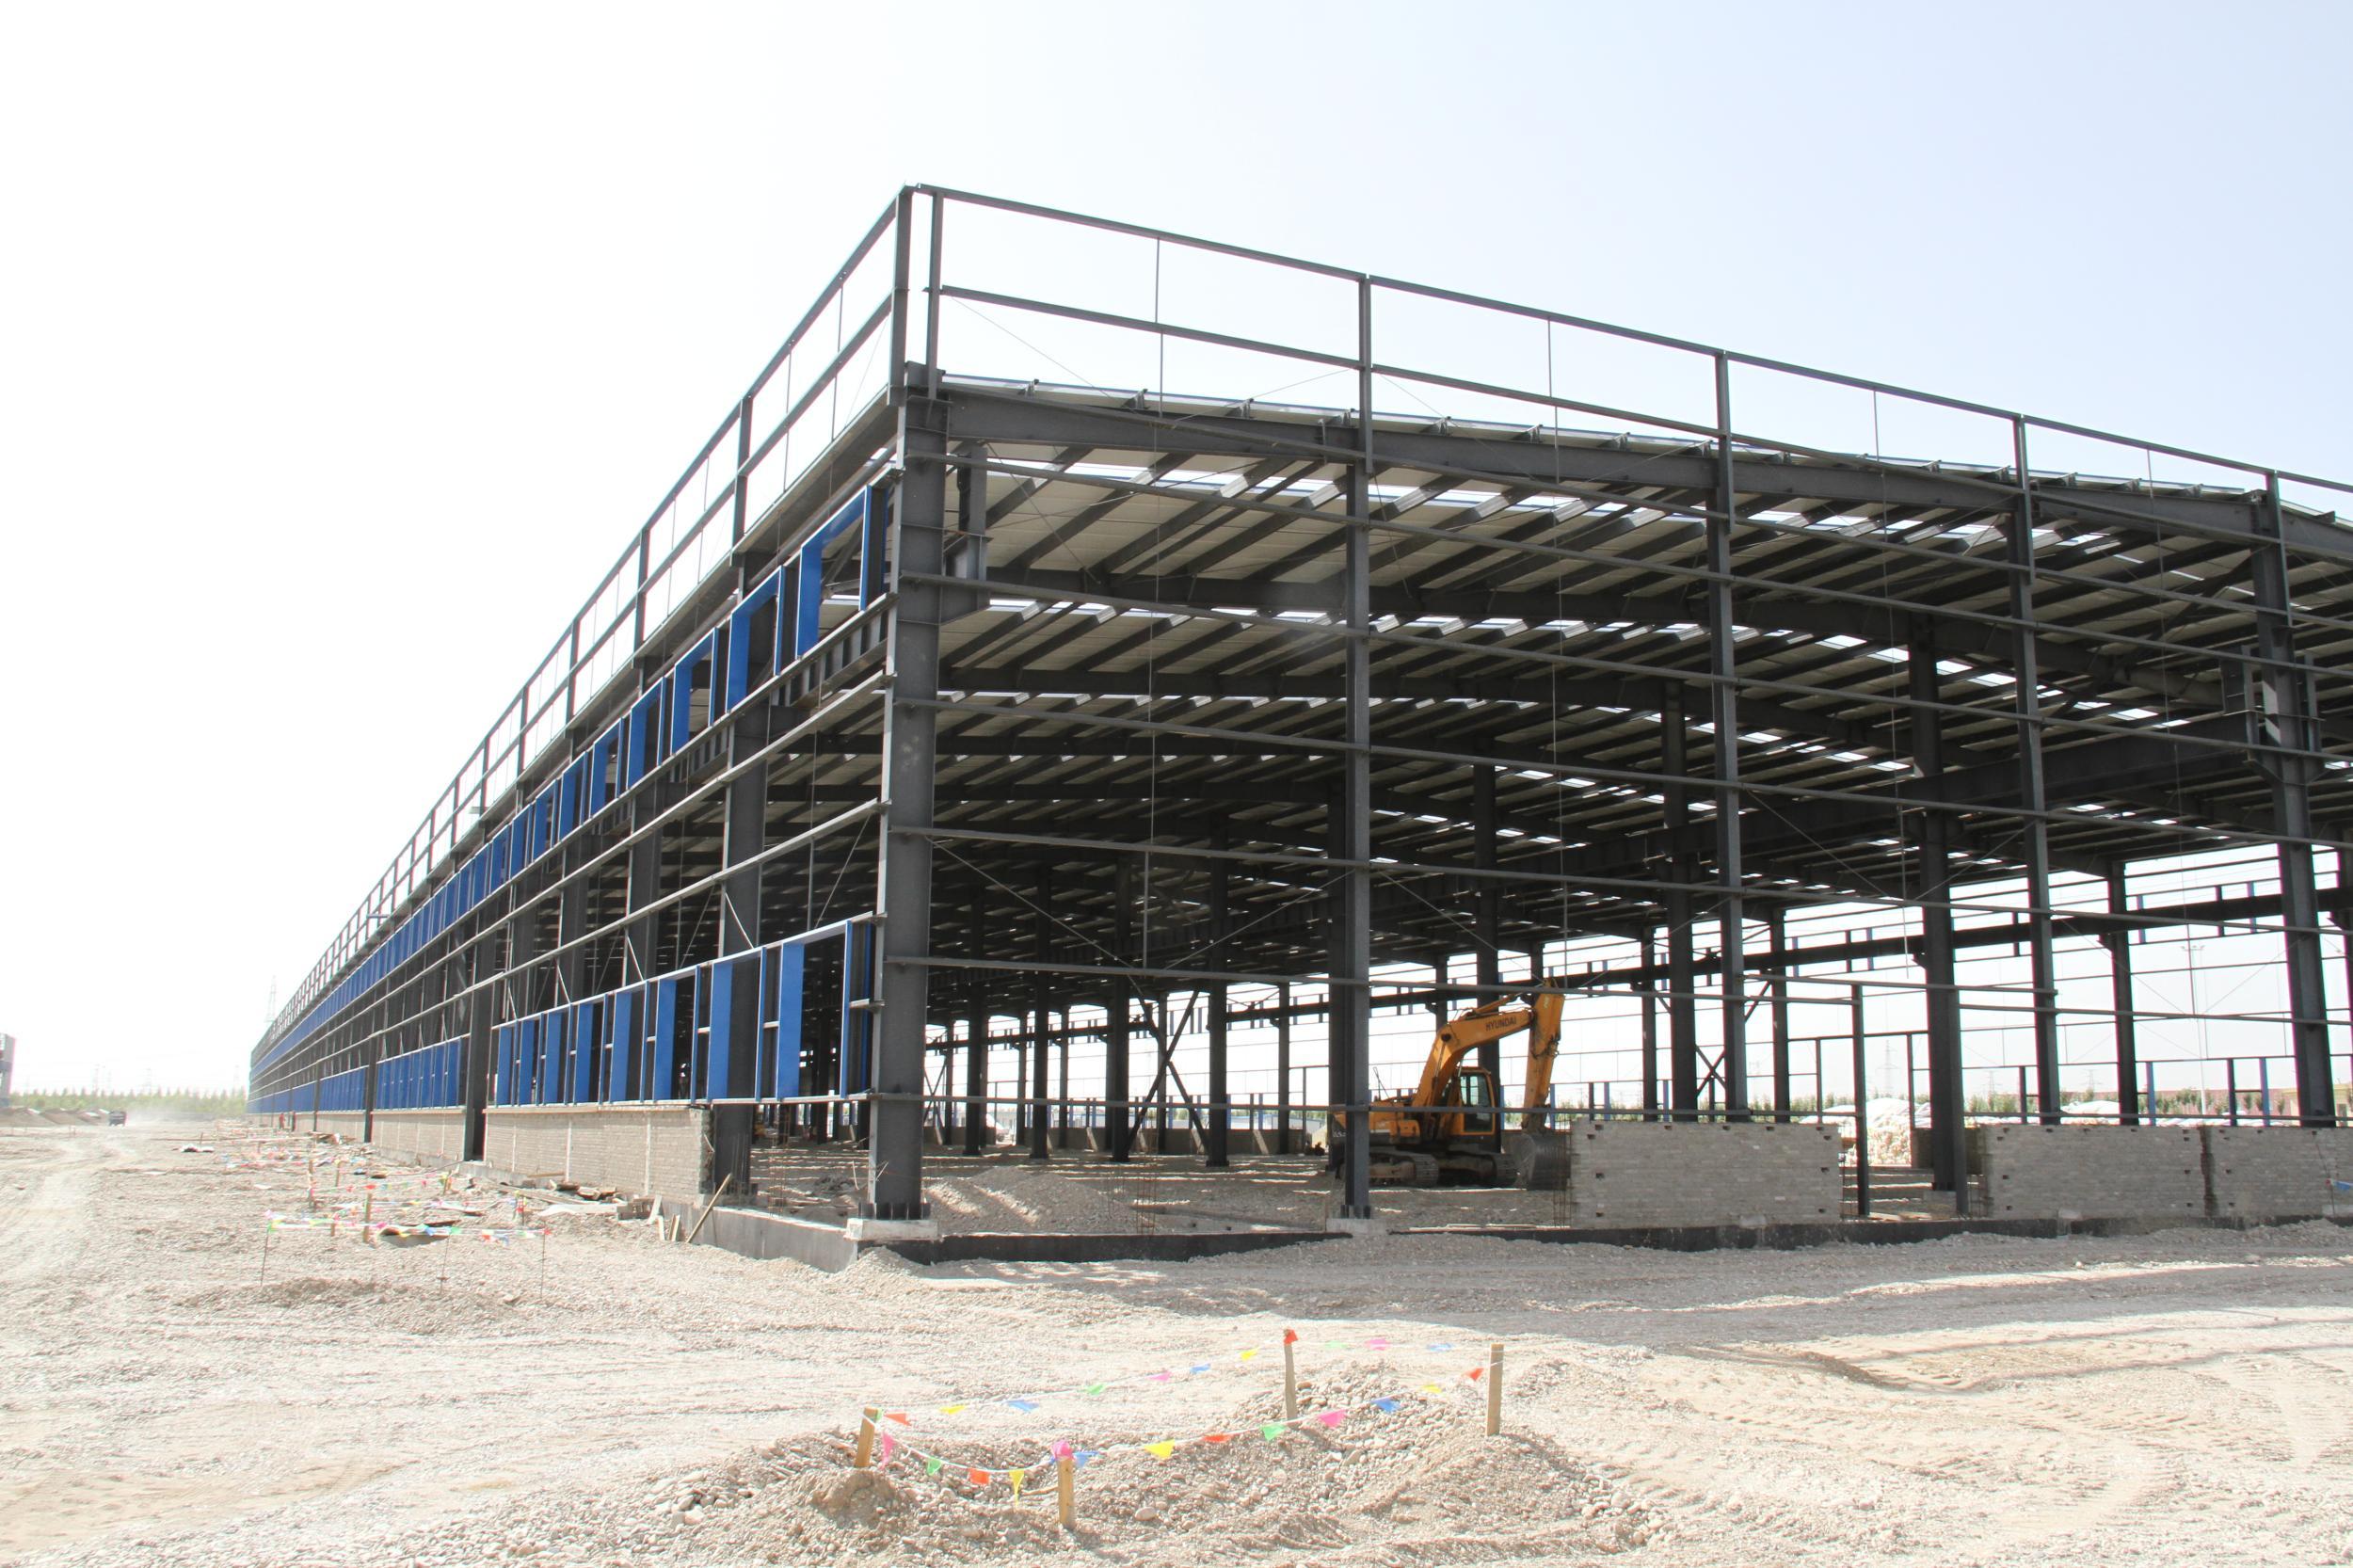 德令哈工业园综合产业区创业基地10栋钢结构厂房项目顺利通过主体验收